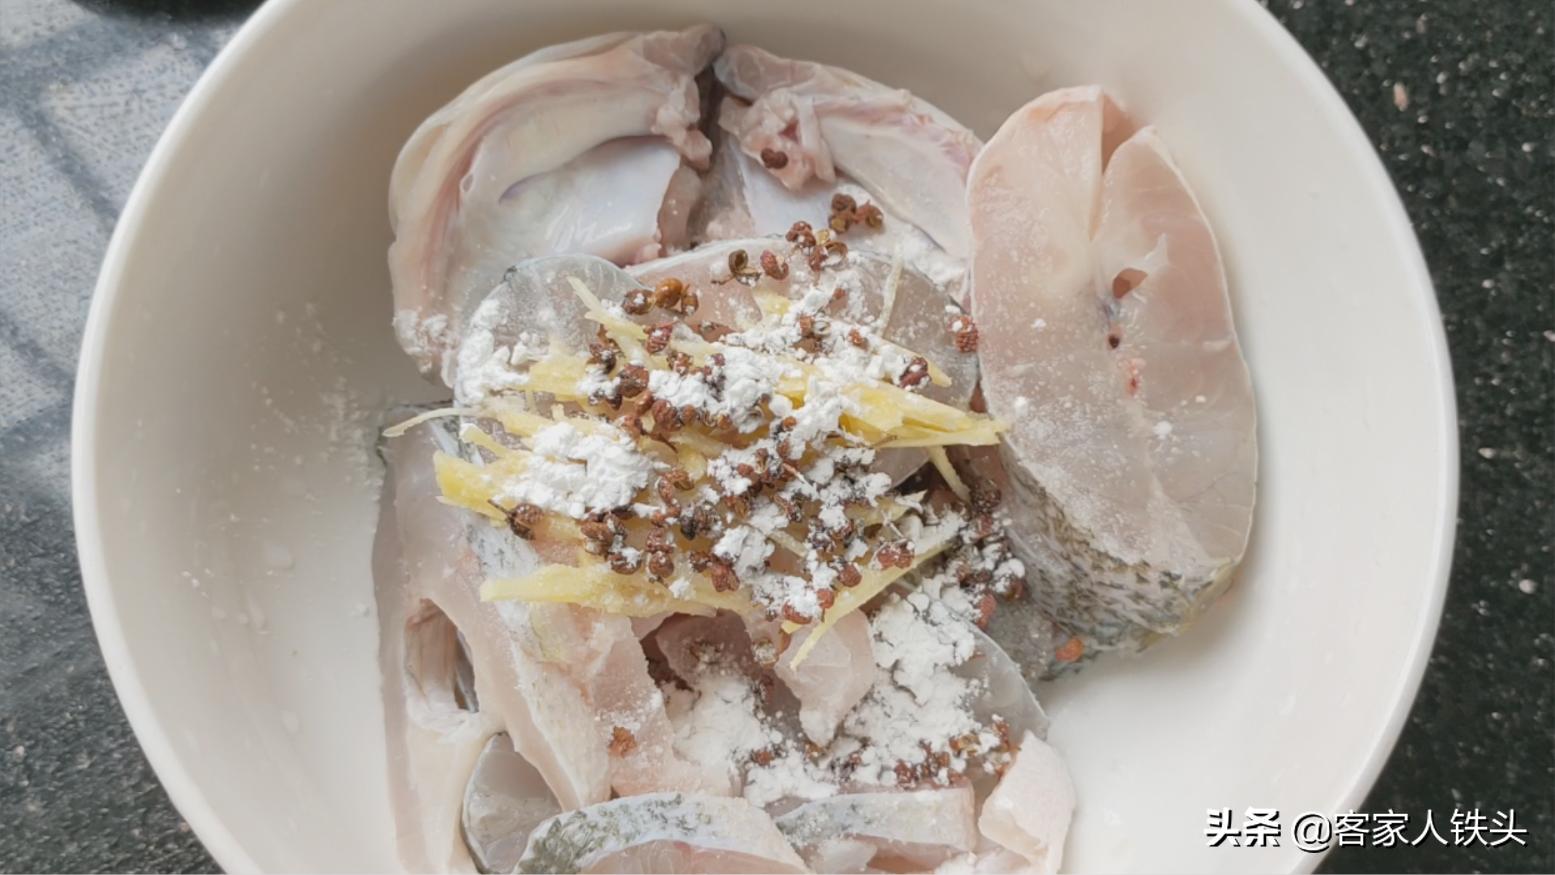 廣東人吃魚最愛的一個做法,不煎不炸7分鐘出鍋,嫩滑漂亮又好吃